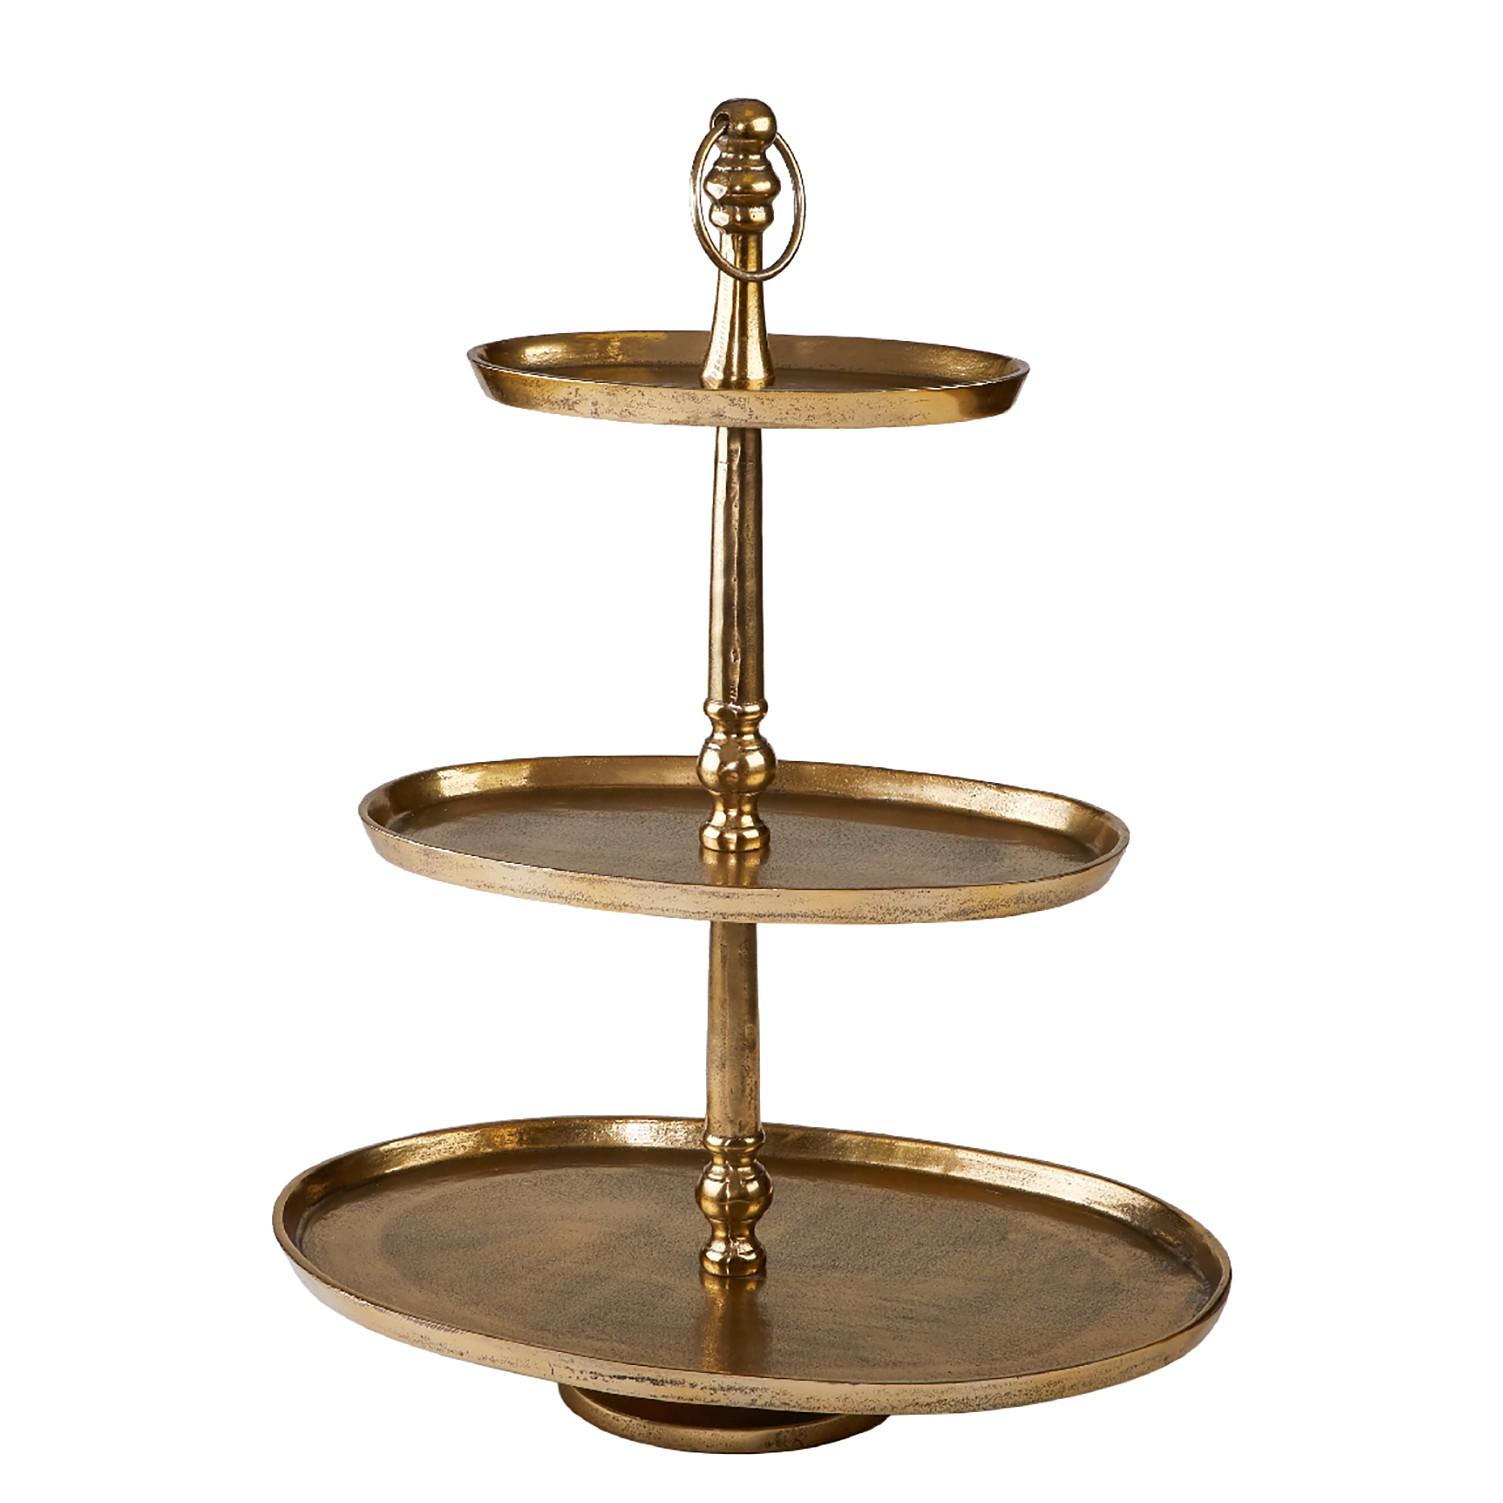 home24 Etagere Khalifa II | Küche und Esszimmer > Aufbewahrung > Etageren | Gold | Metall | Wittkemper Living